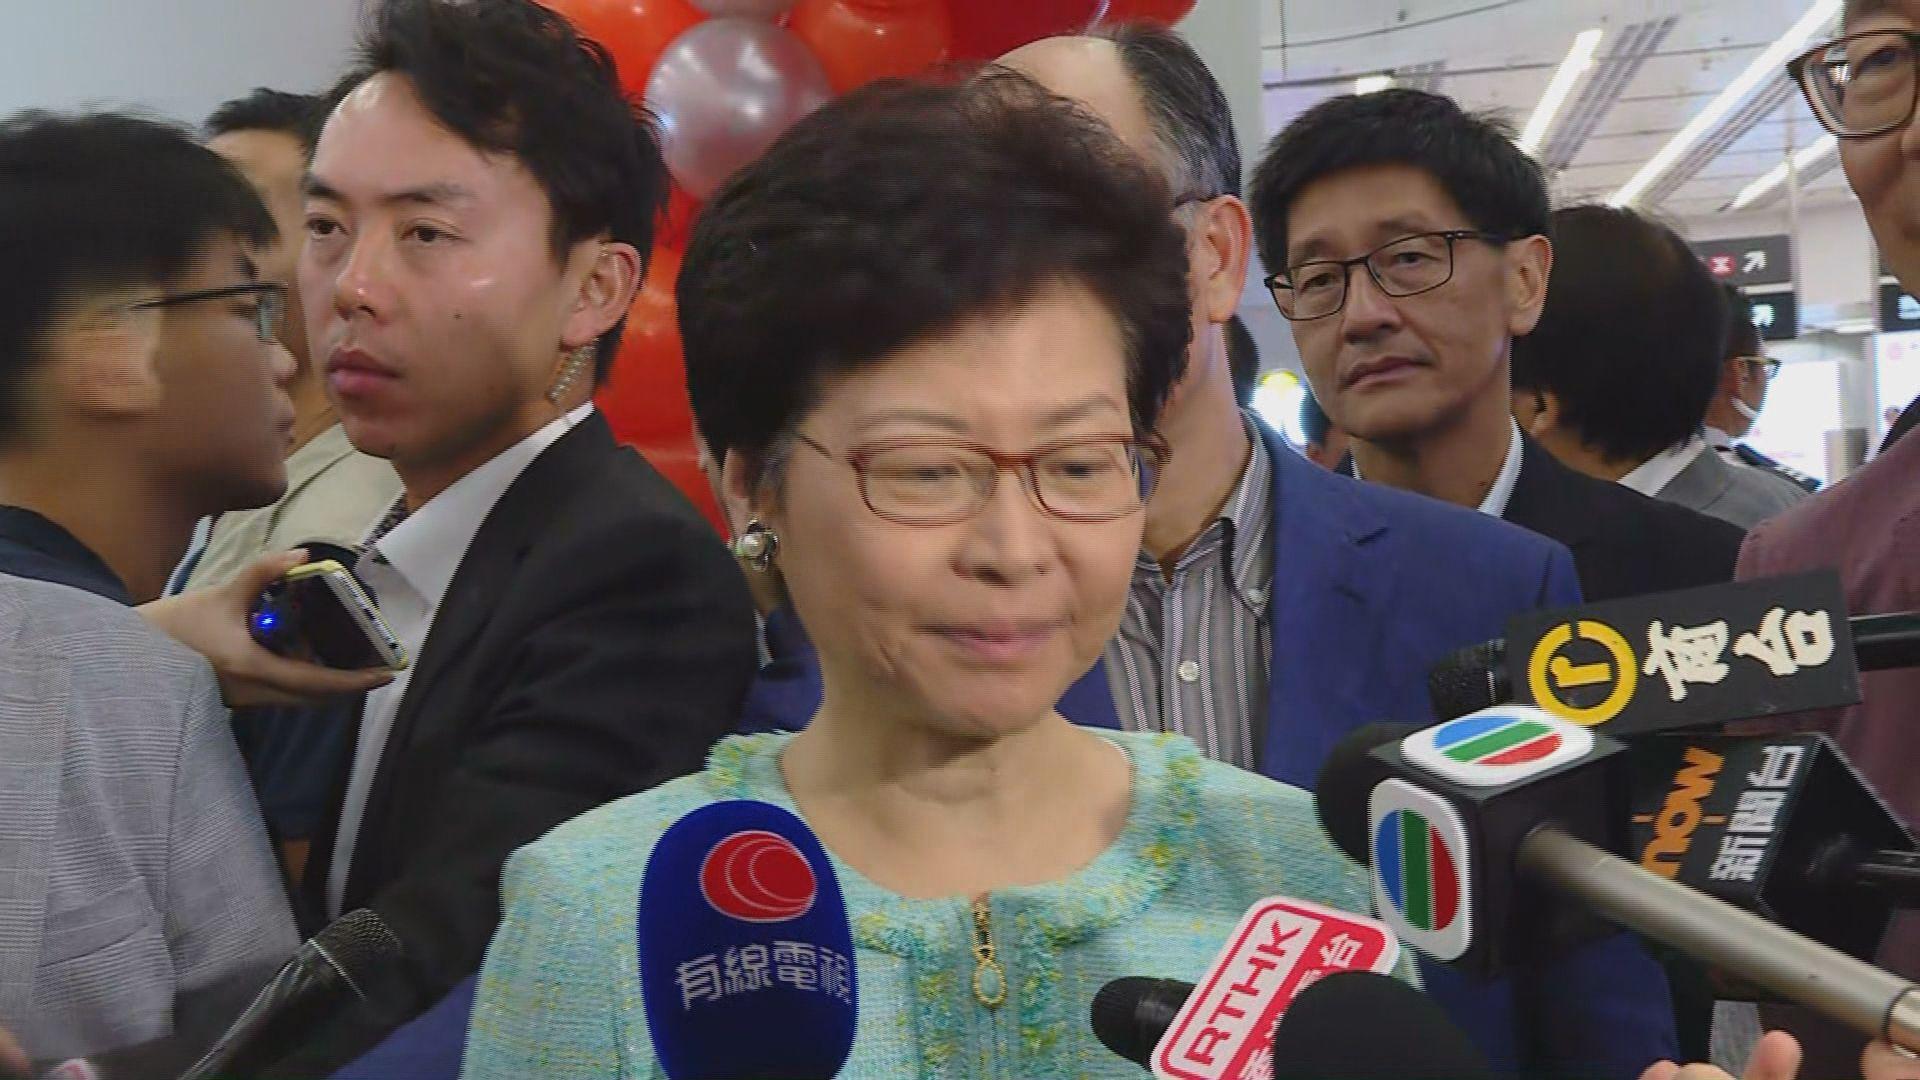 林鄭月娥對高鐵香港段首日運作整體感滿意